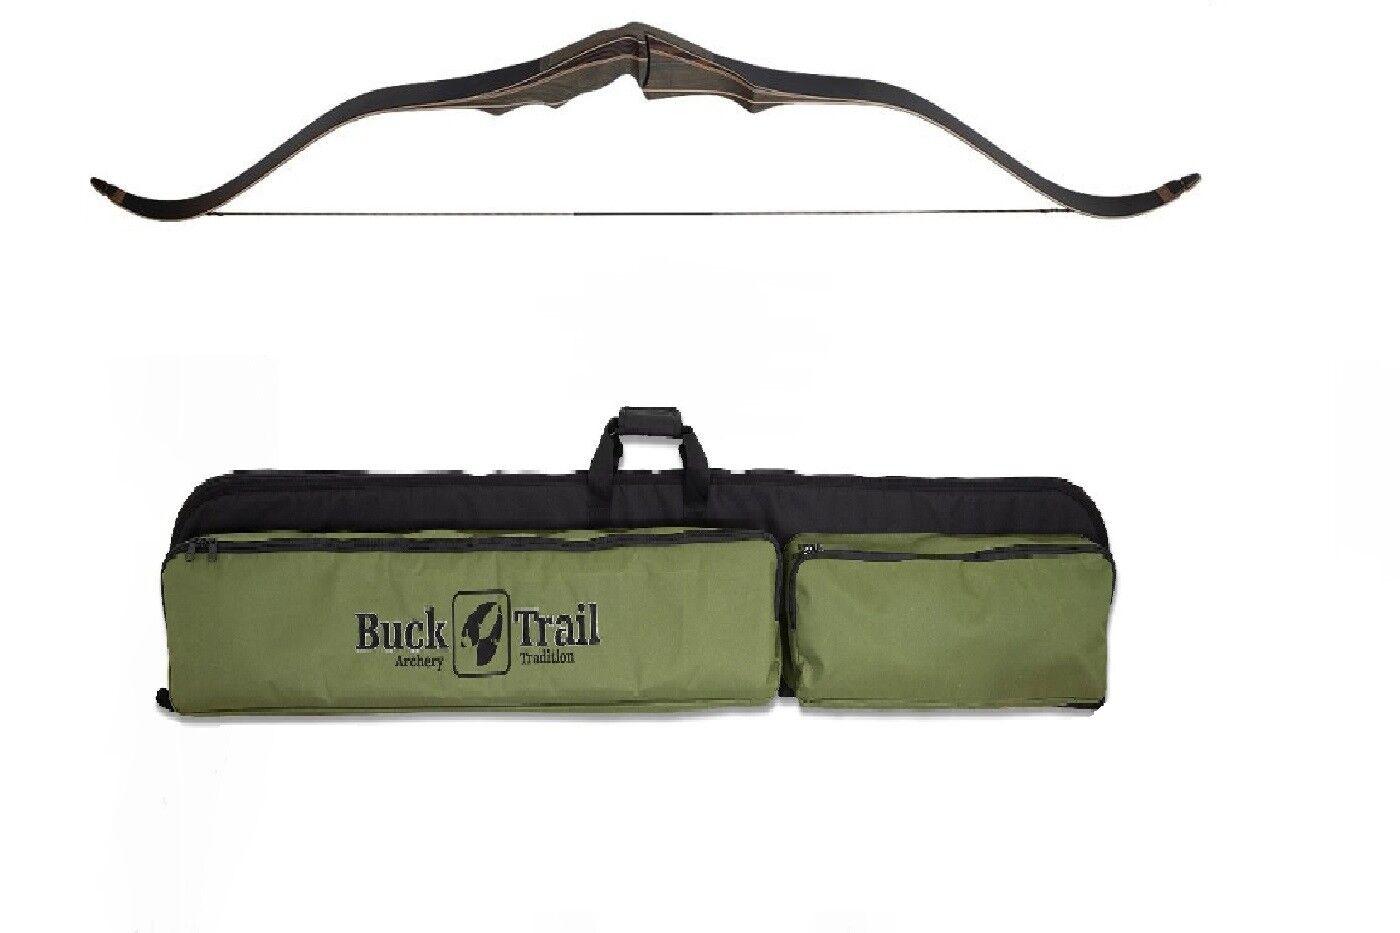 Bogen Recurvebogen Holzbogen Buck Trail Antelope 2019 mit passender Bogentasche